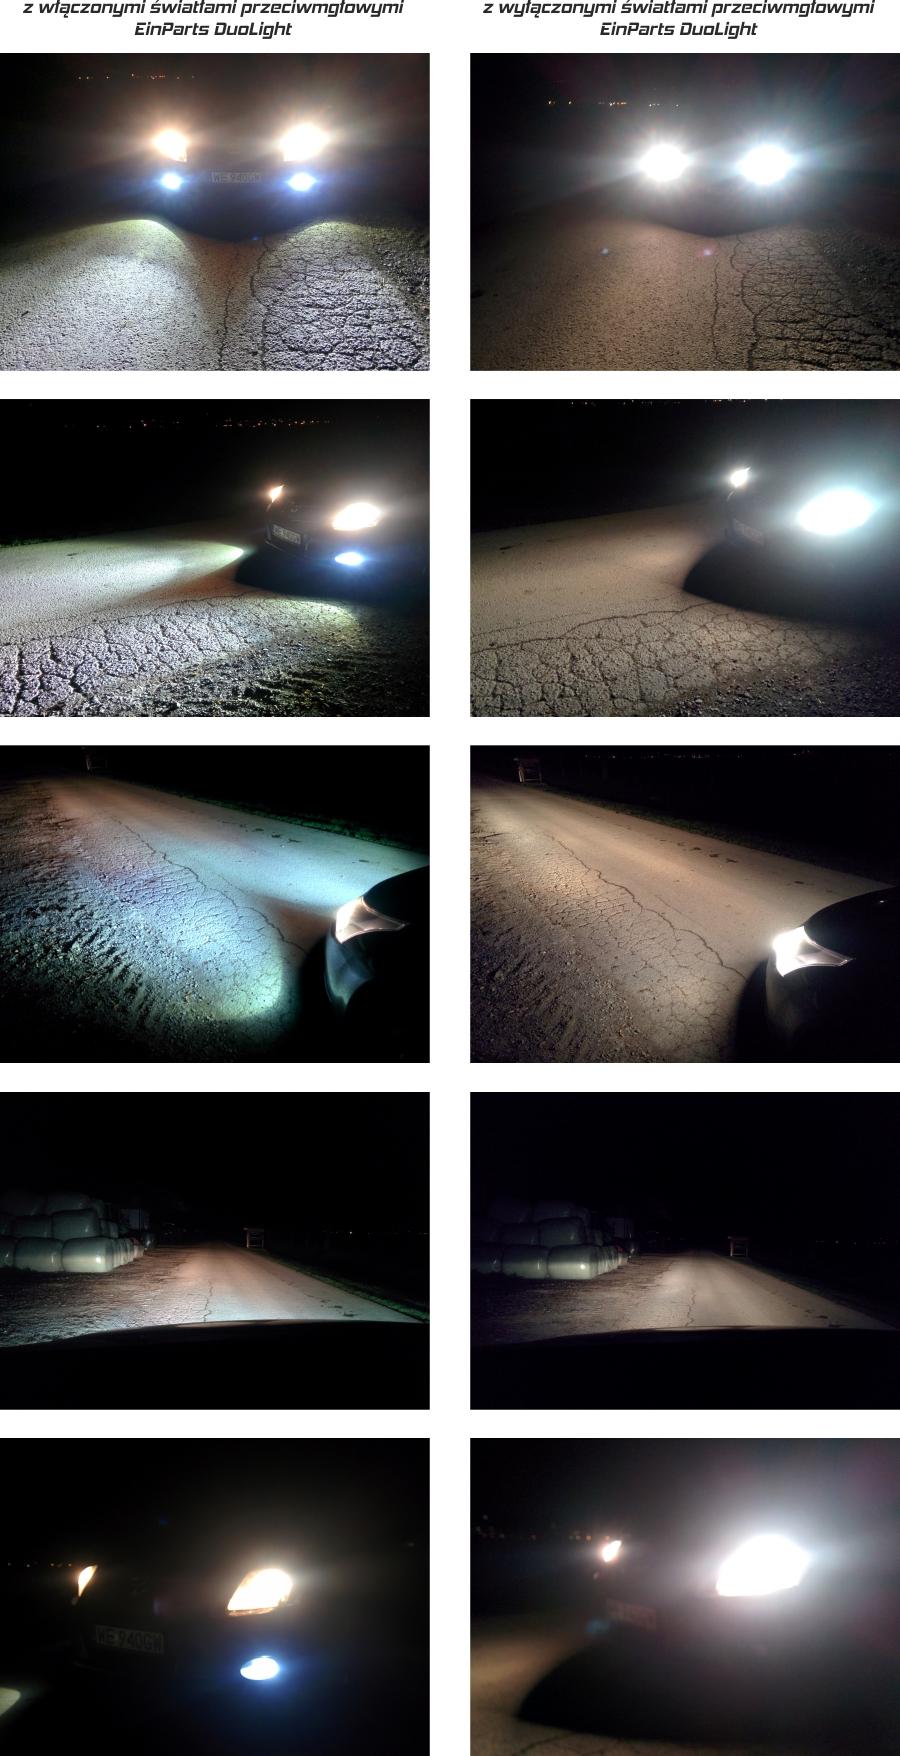 Prezentacja jakości świecenie świateł DuoLight